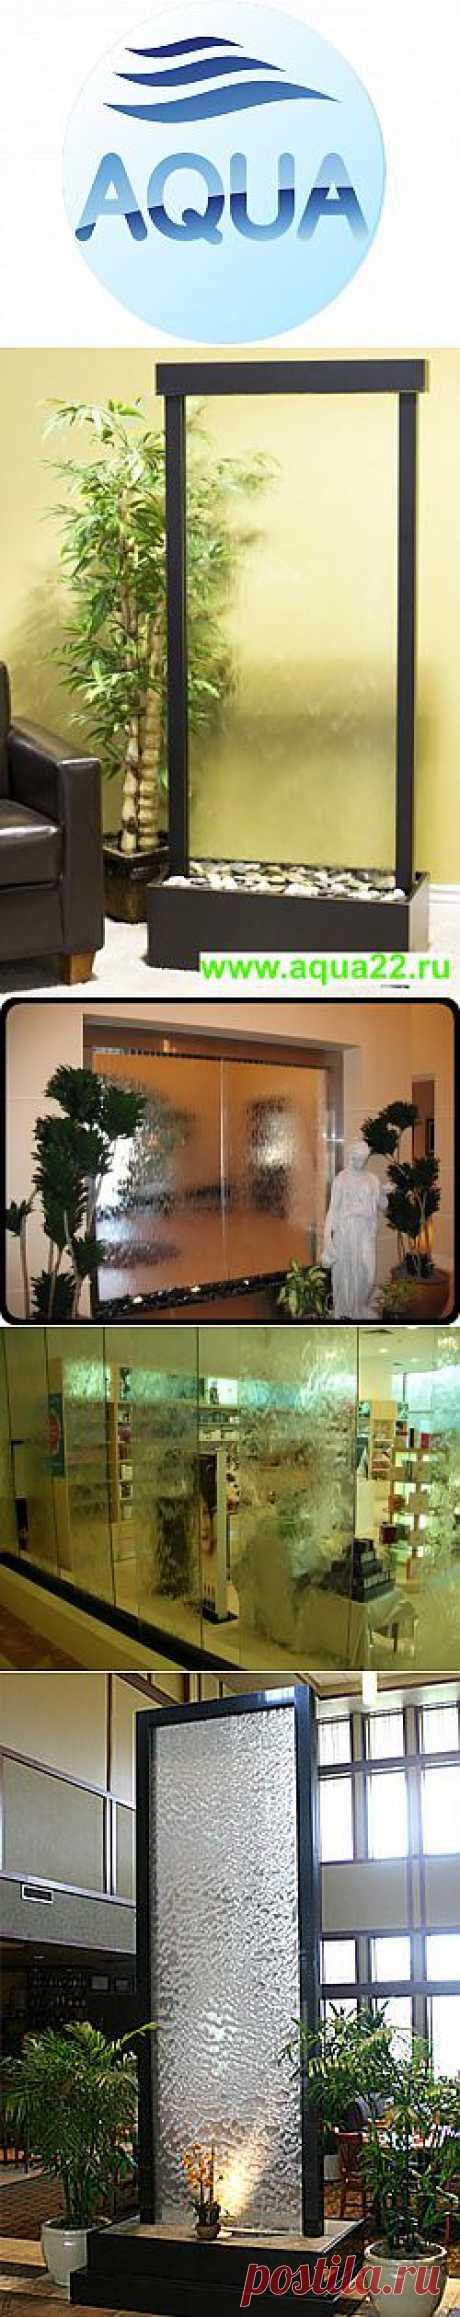 Водопад по стеклу или зеркалу – Вода медленно стекает по поверхности стекла либо зеркала создавая не обычный эффект водной стены, прекрасно подходит, для оформление любых помещений. Водопады такого типа могут быть изготовлены любых размеров и оформлены в соответствии с пожеланием заказчика.  По сравнению с другими фирмами на сегодняшний день нашими специалистами разработана и улучшена совершенна новая технология циркуляции водного потока.